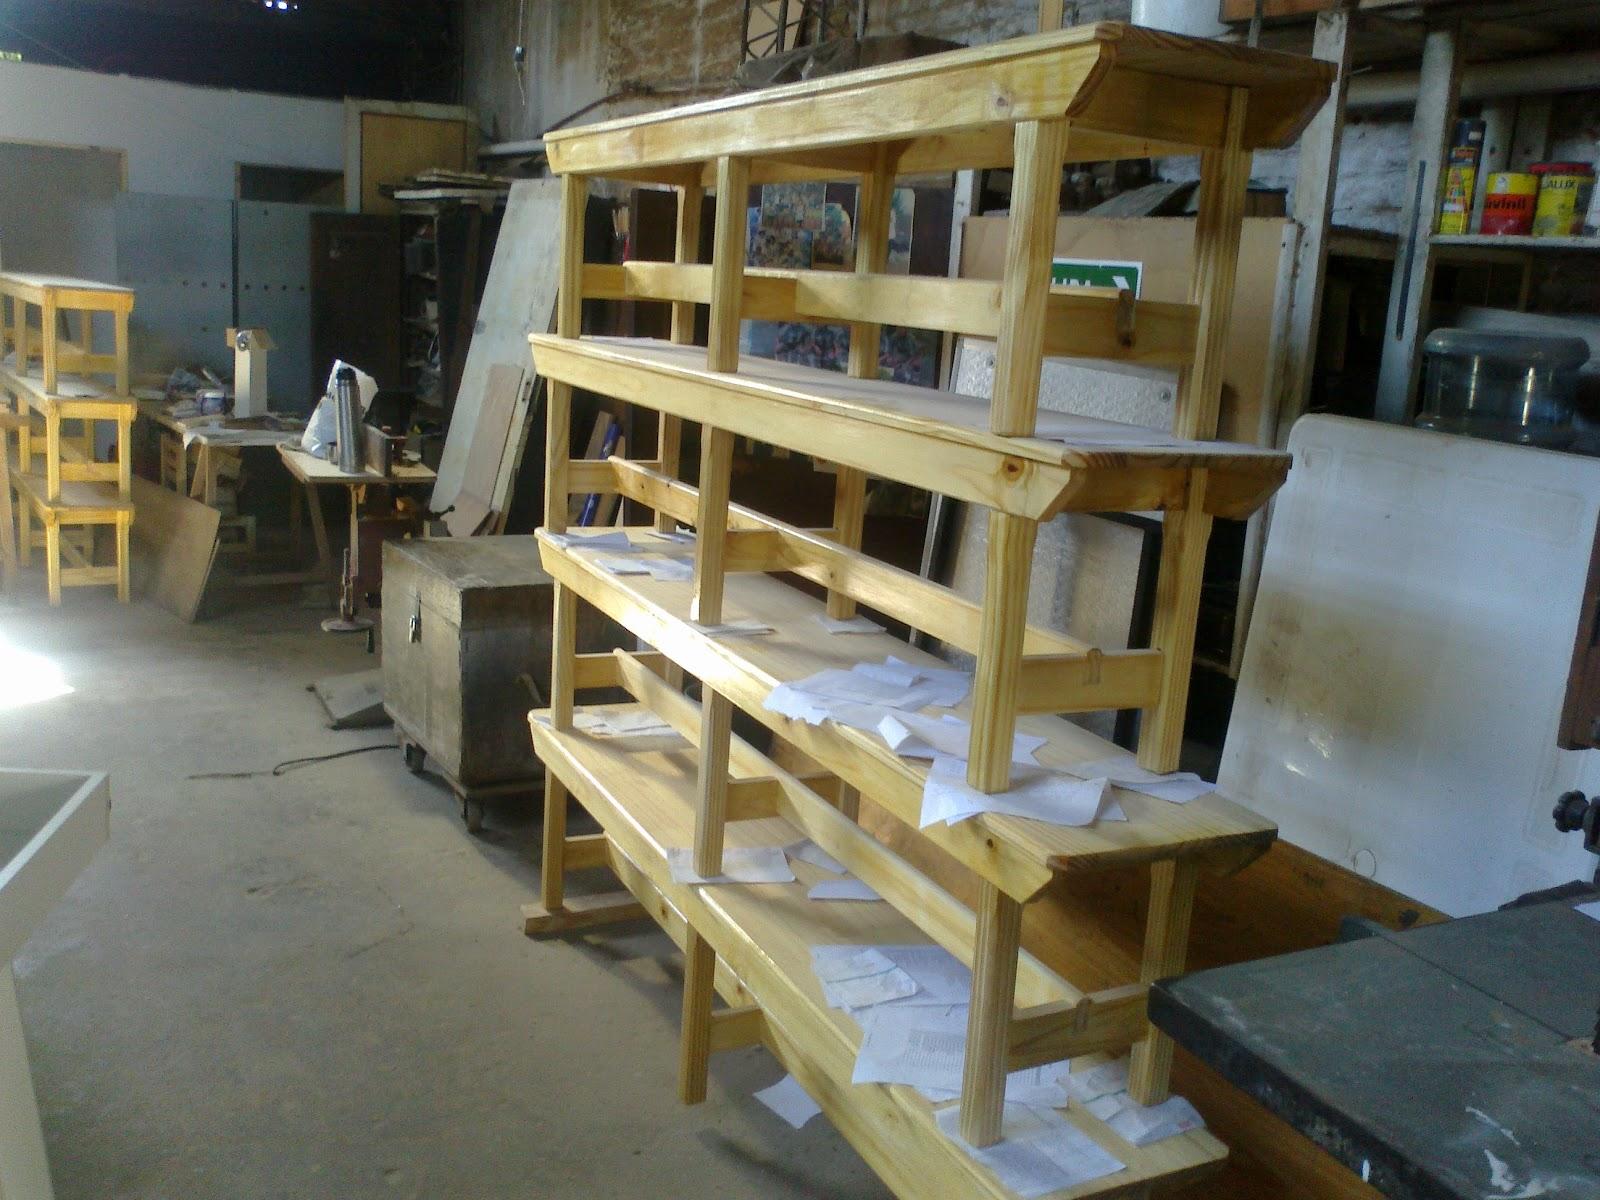 Proyectos Productivos ETIS: Bancos y mesas para comedores ...